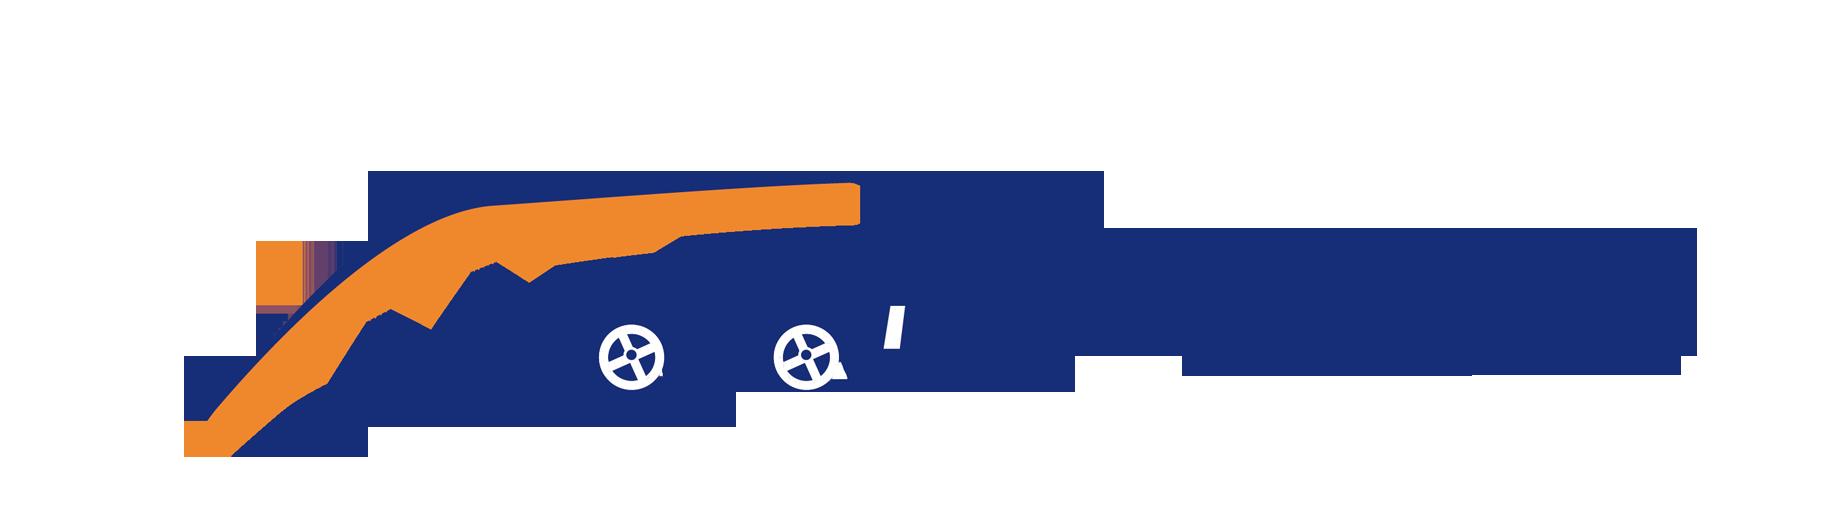 青岛卡尔赛德棚业有限公司.